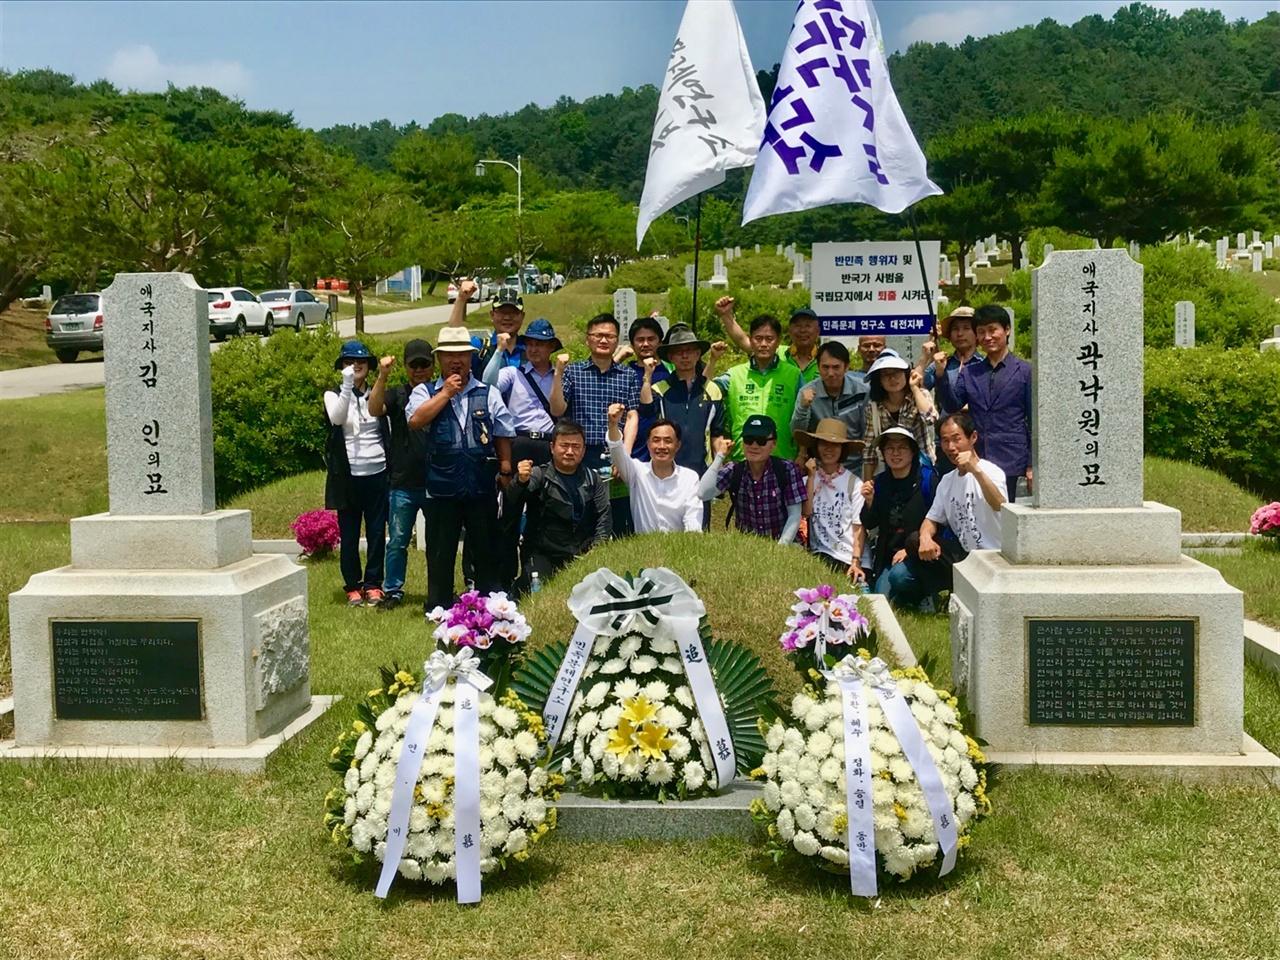 곽낙원의 묘와 김 인의 묘 앞 단체촬영 김구 어머니 곽낙원의 묘와 김구 아들 김 인의 묘 앞에서 참가자들이 단체사진을 찍고 있다.